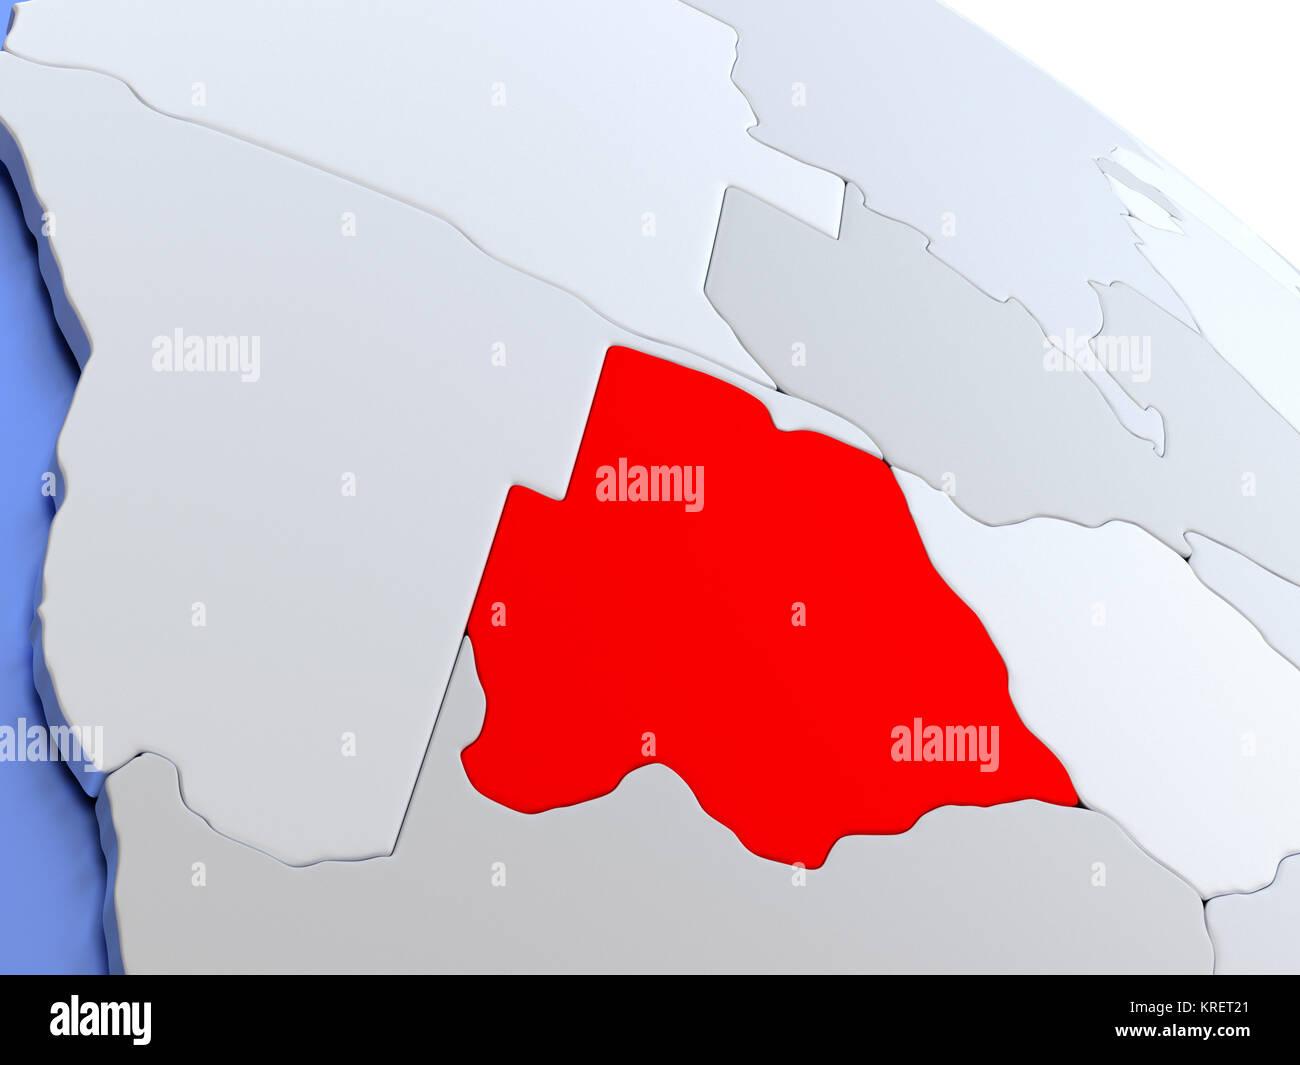 Botswana on world map stock photo royalty free image 169356601 botswana on world map gumiabroncs Image collections